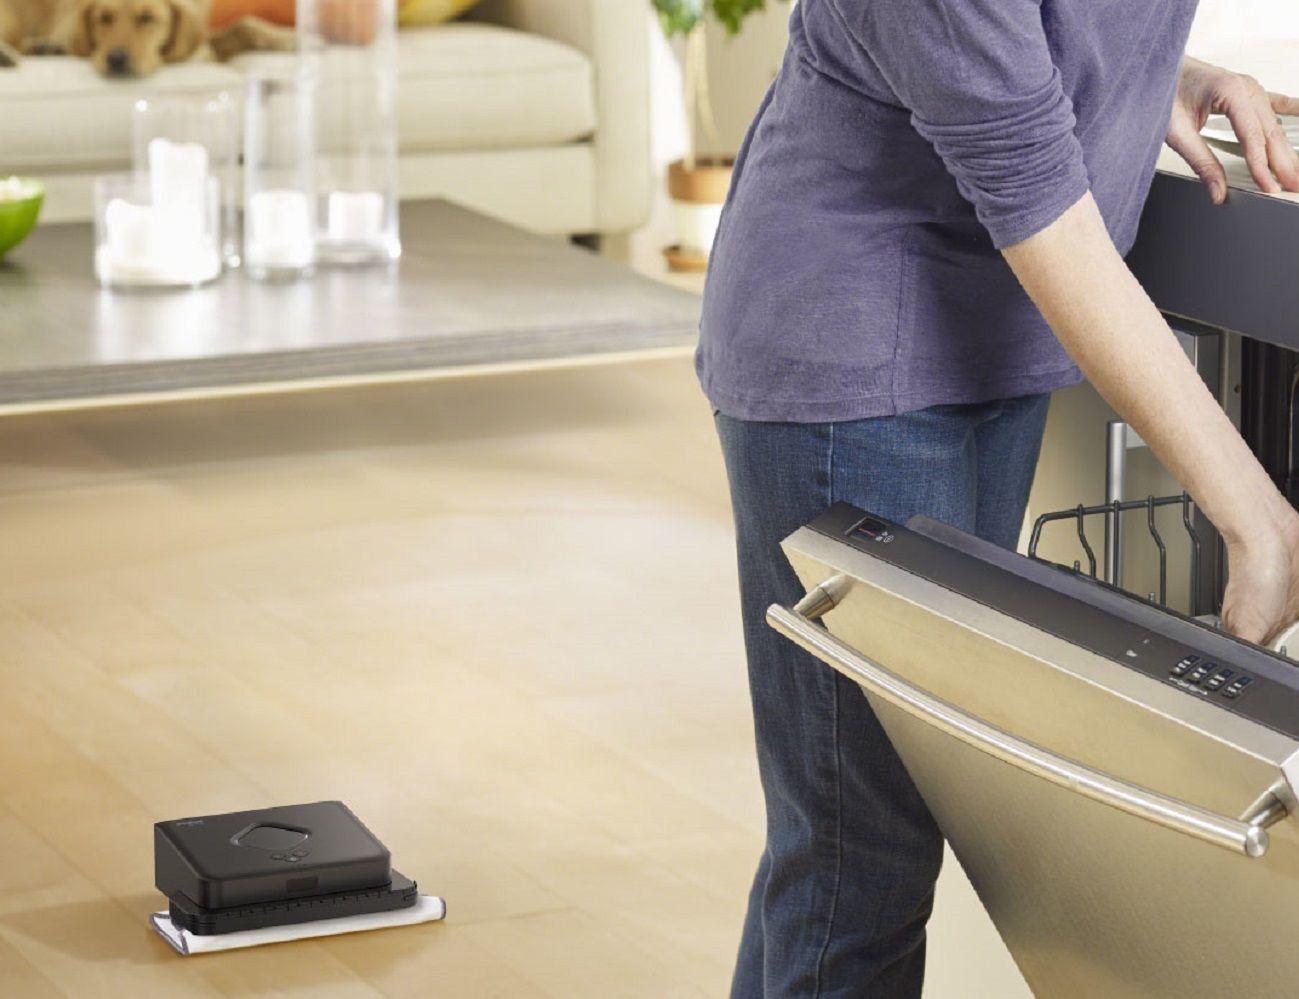 Braava Irobot 380t Floor Mopping Robot 187 Gadget Flow